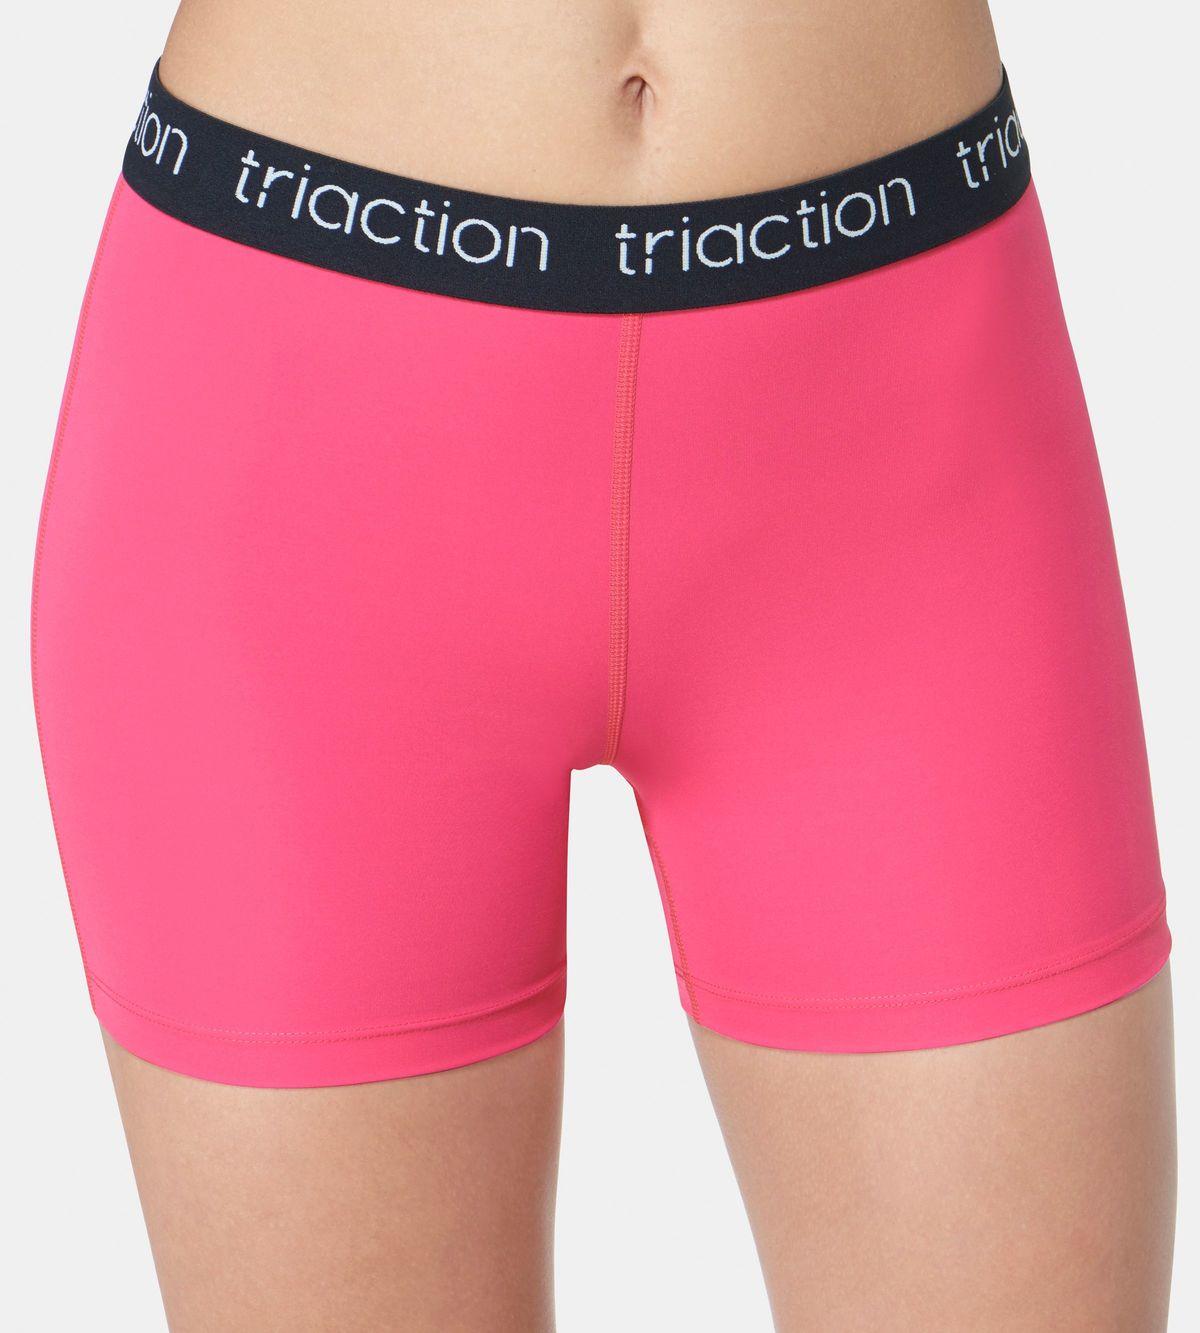 Sportovní šortky Triaction Cardio Panty shorty - Triumph